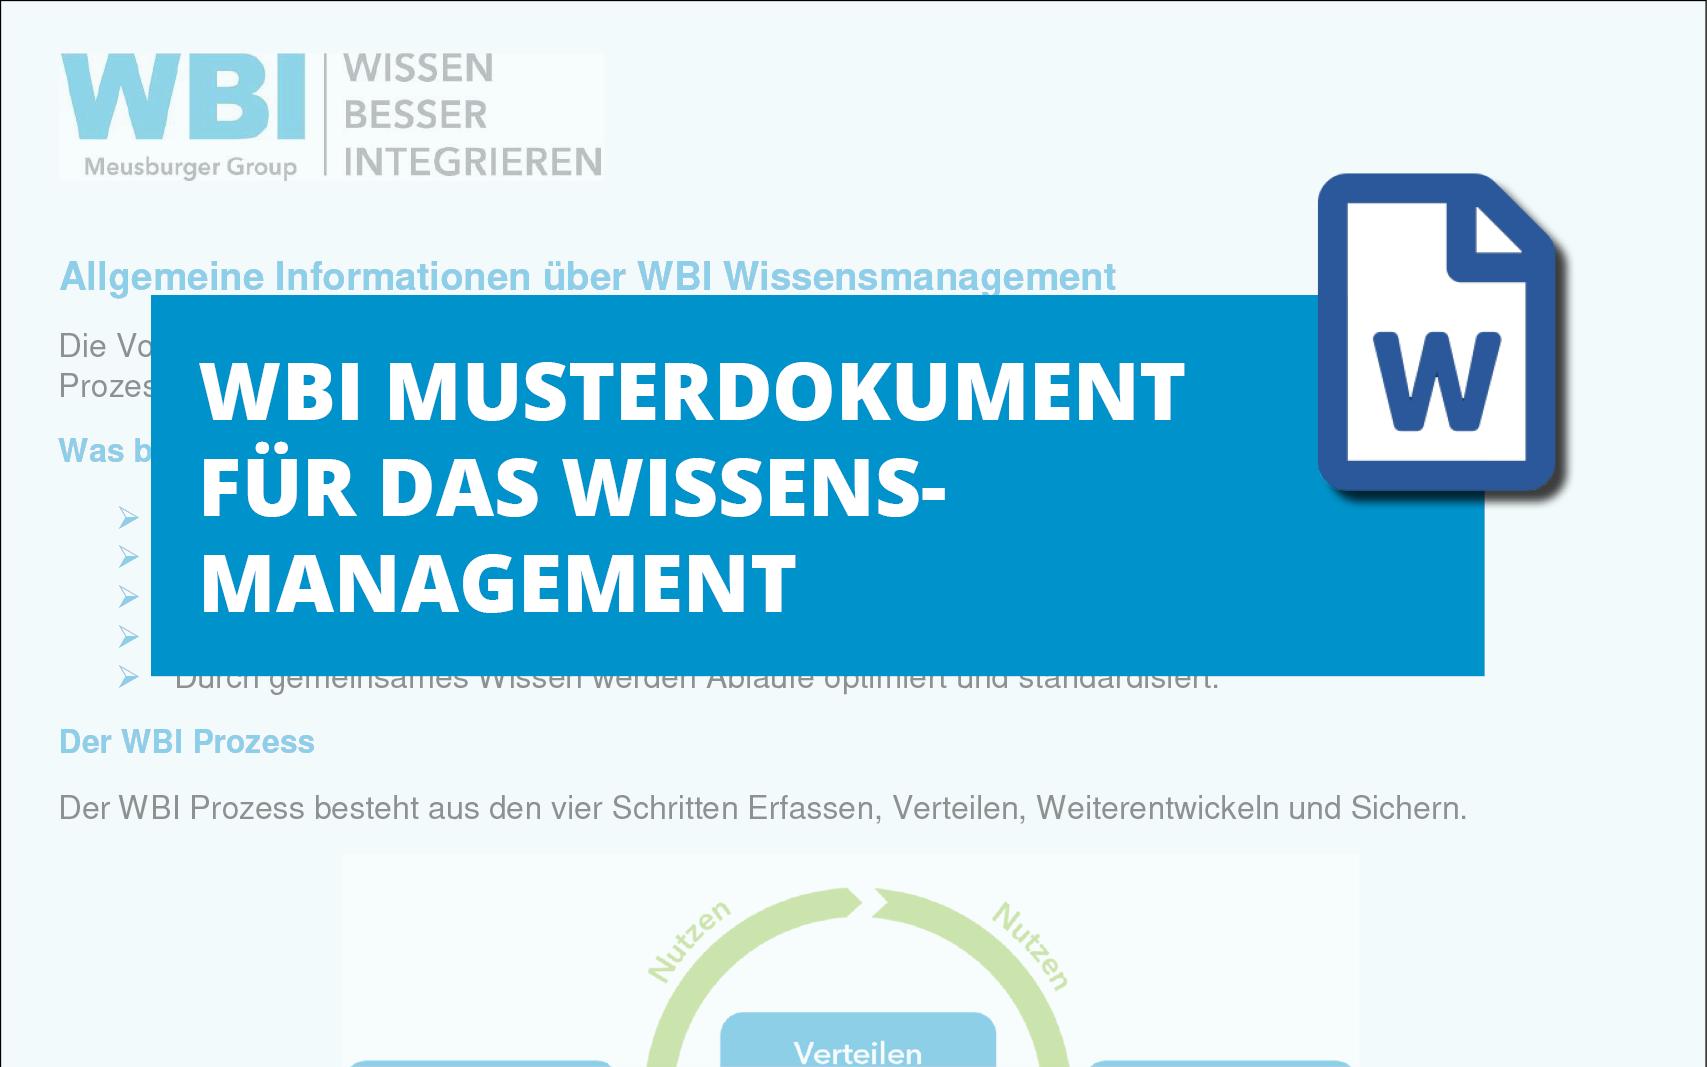 wbi-handout-allgemeine-informationen-zu-wbi-wissensmanagement